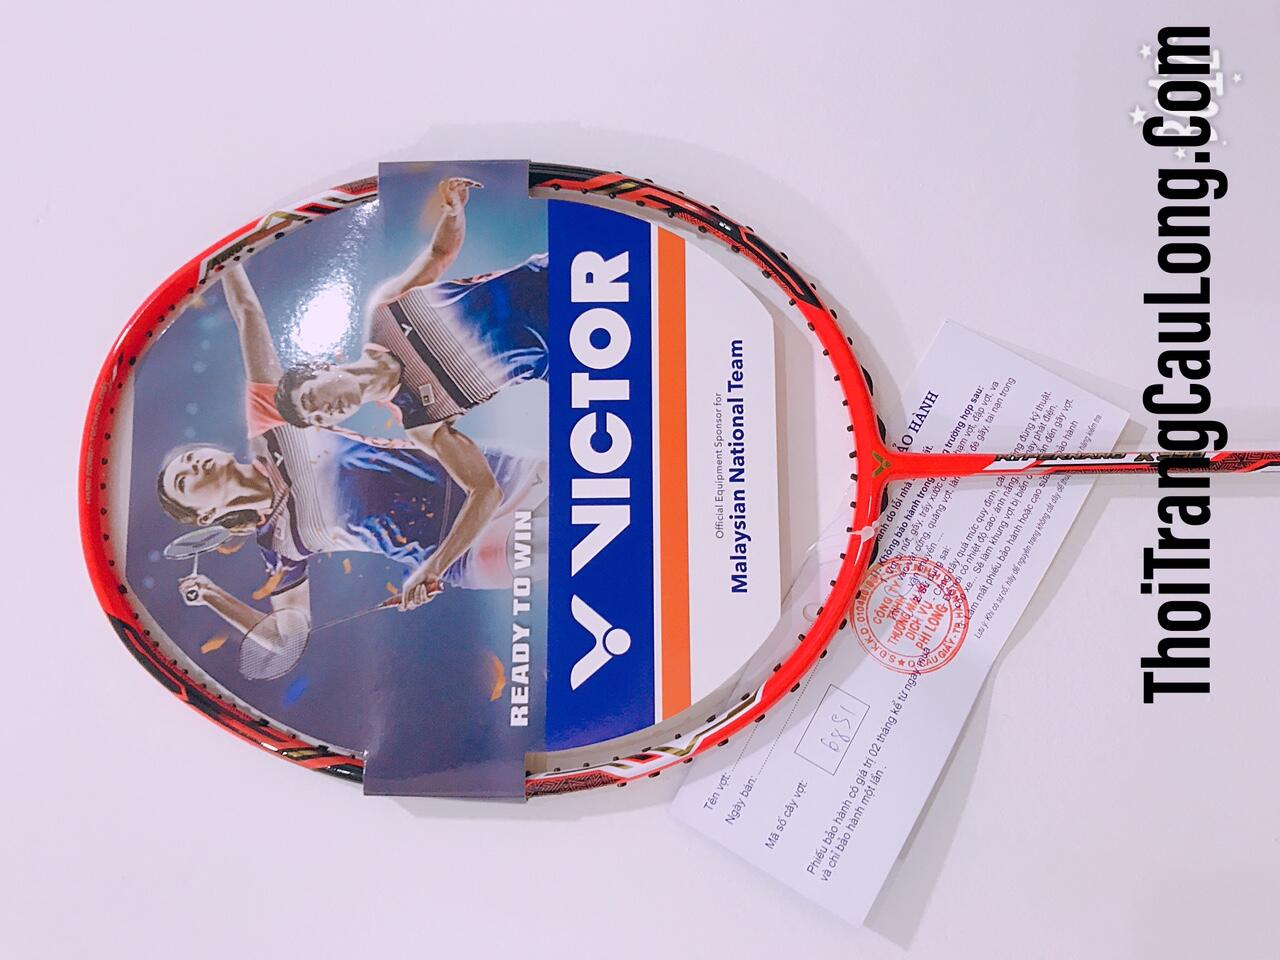 Victor HX-990